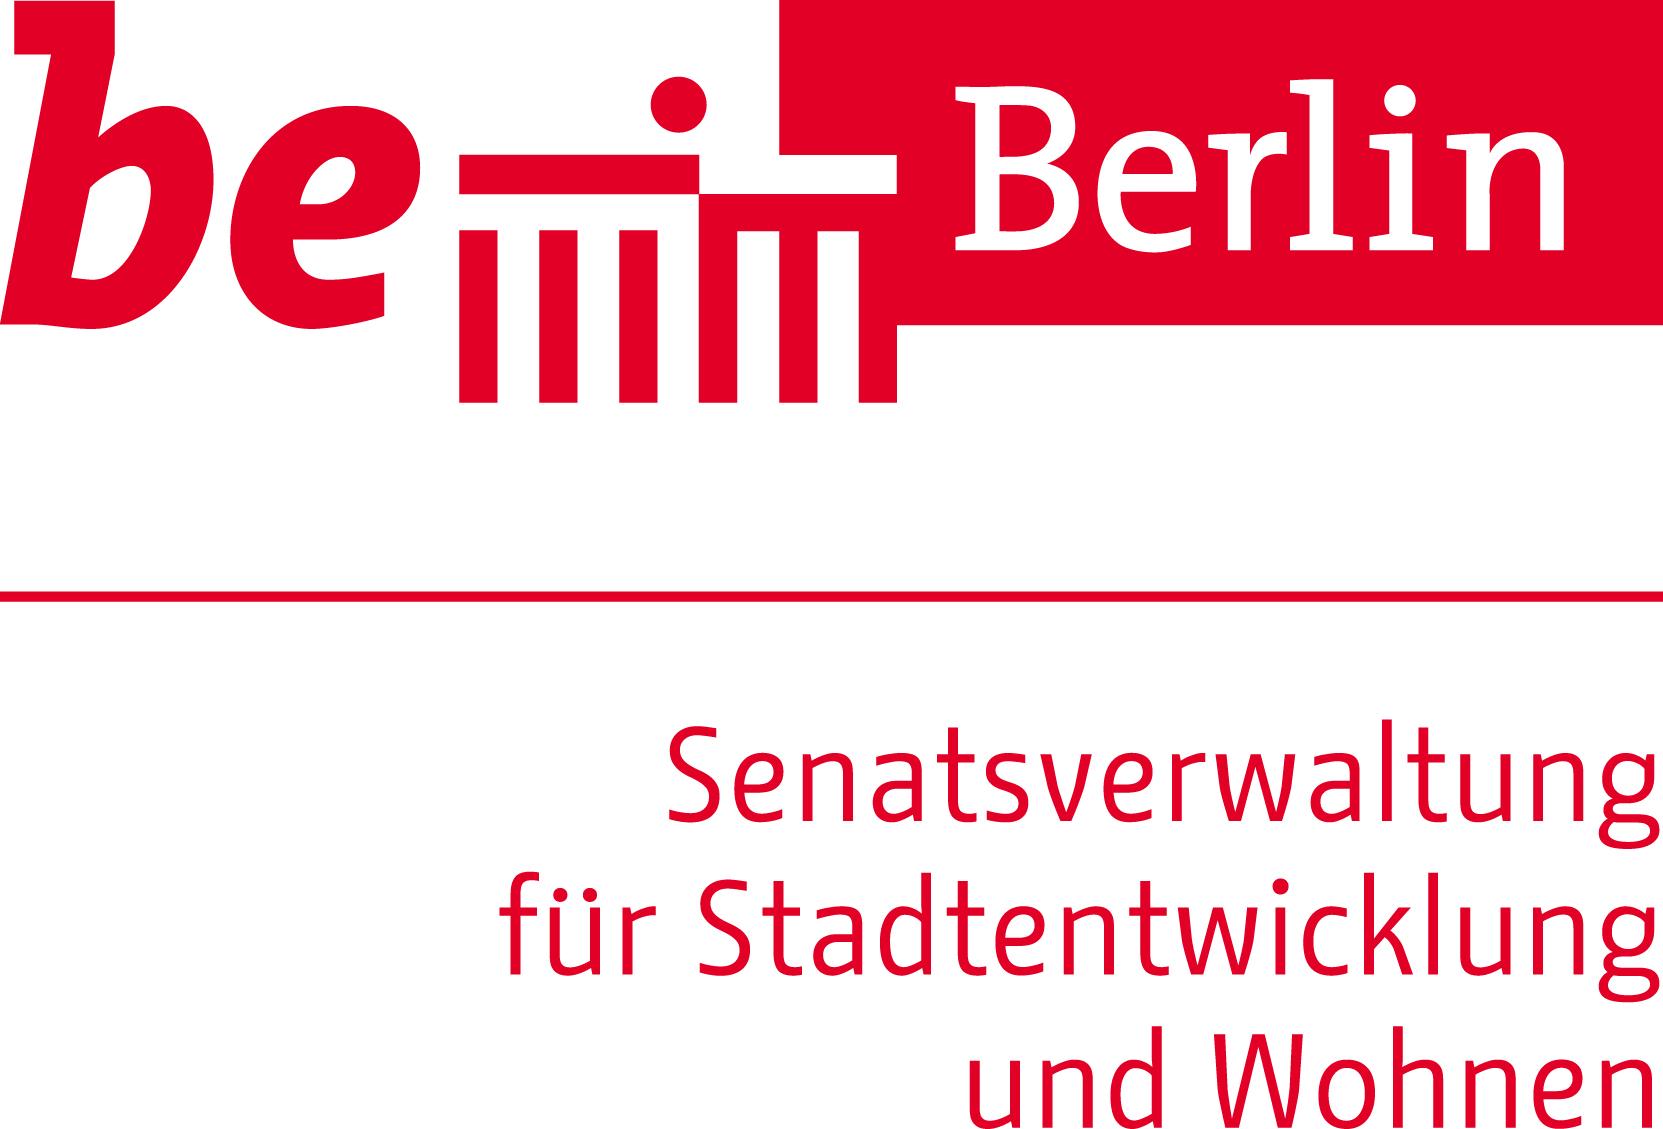 Senatsverwaltung für Stadtentwicklung und Wohnen Berlin